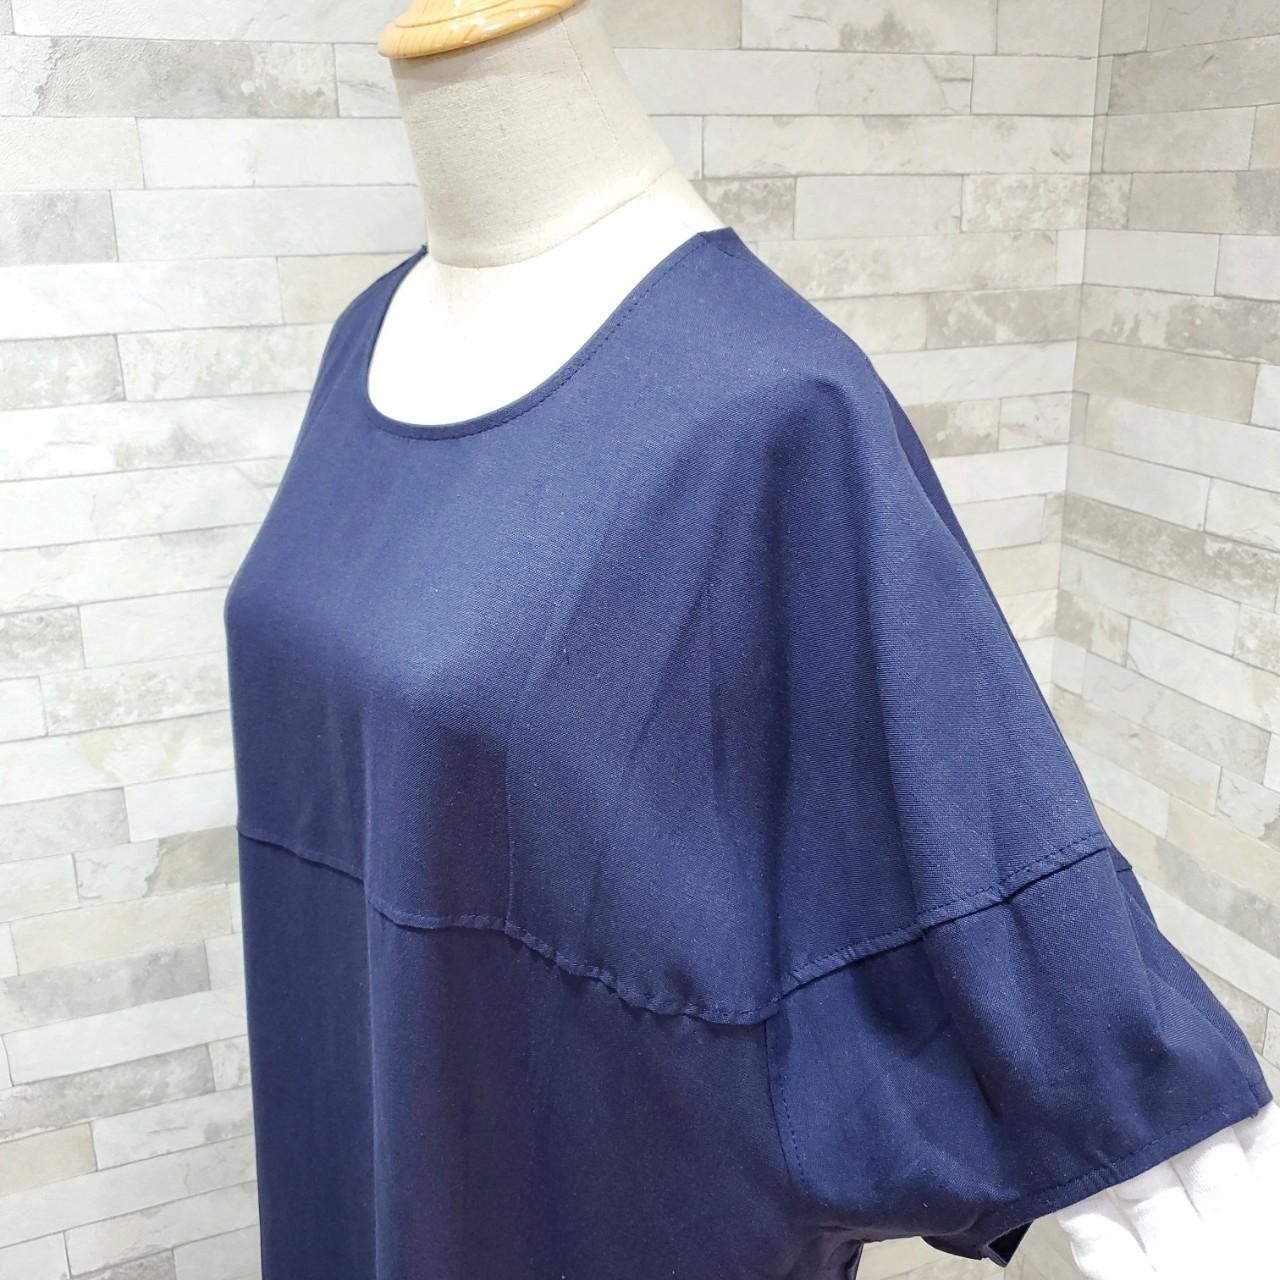 韓国 ファッション ワンピース 春 夏 カジュアル PTXI416  袖コンシャス ゆったり 体型カバー ラフ オルチャン シンプル 定番 セレカジの写真12枚目